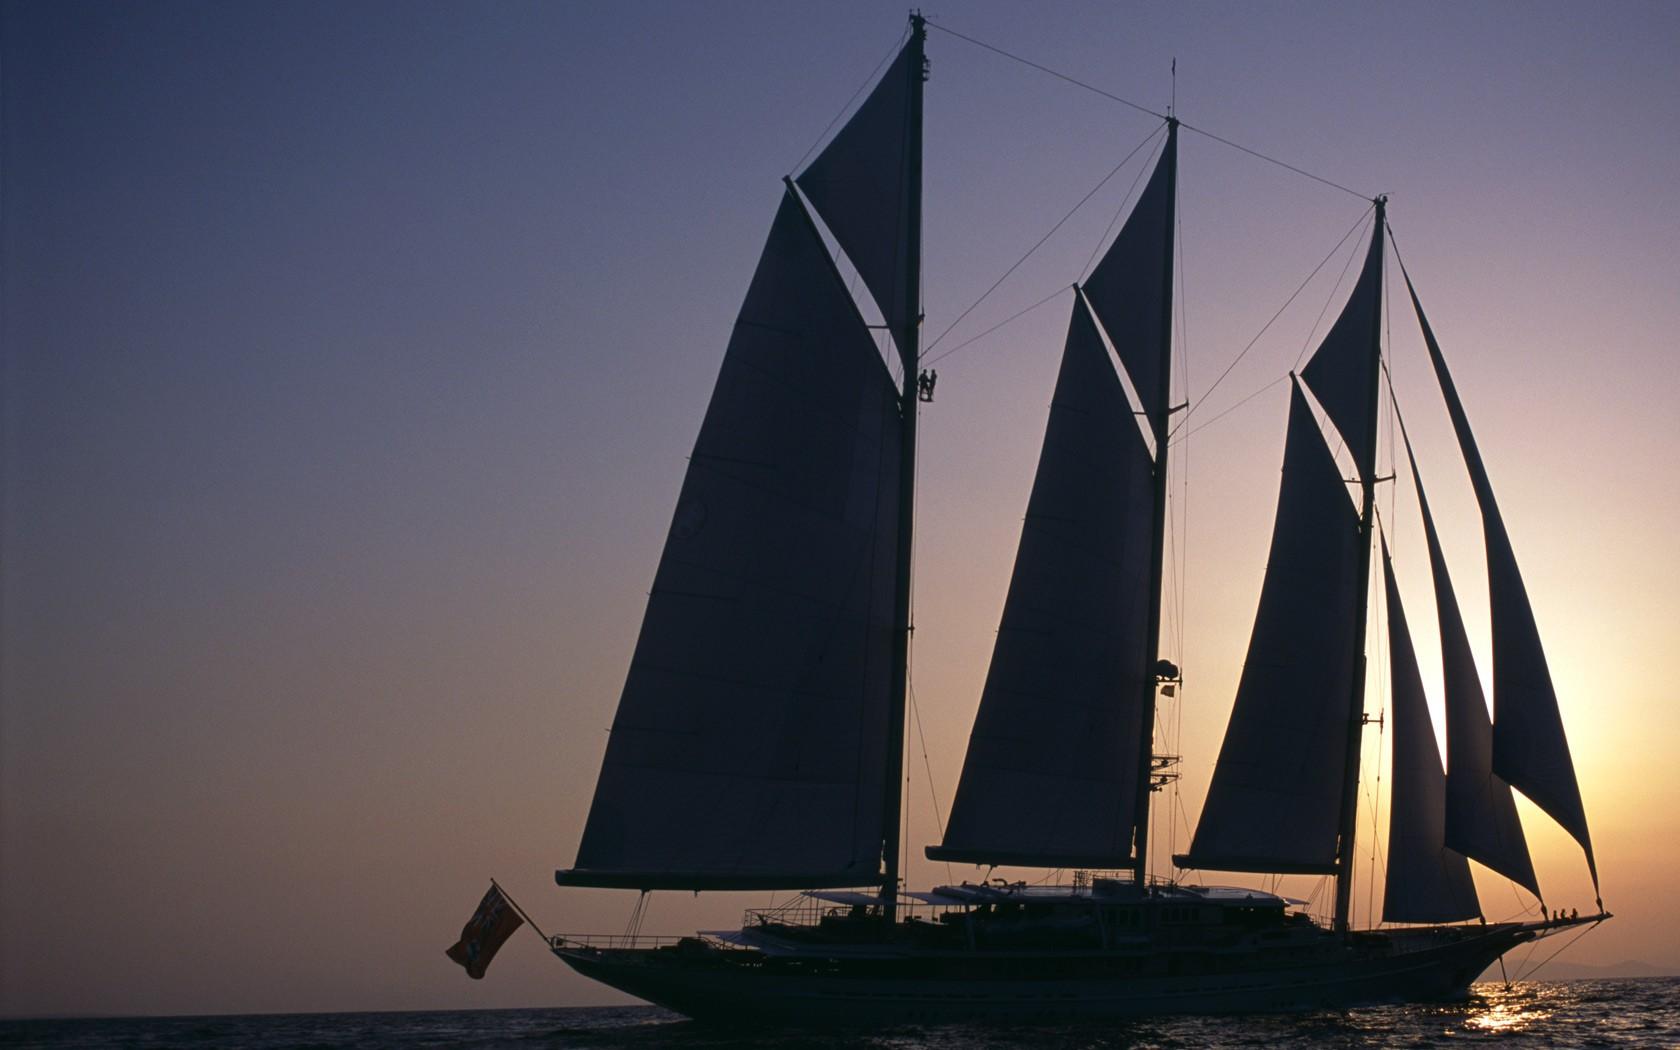 90m Royal Huisman sailing mega yacht at sunset